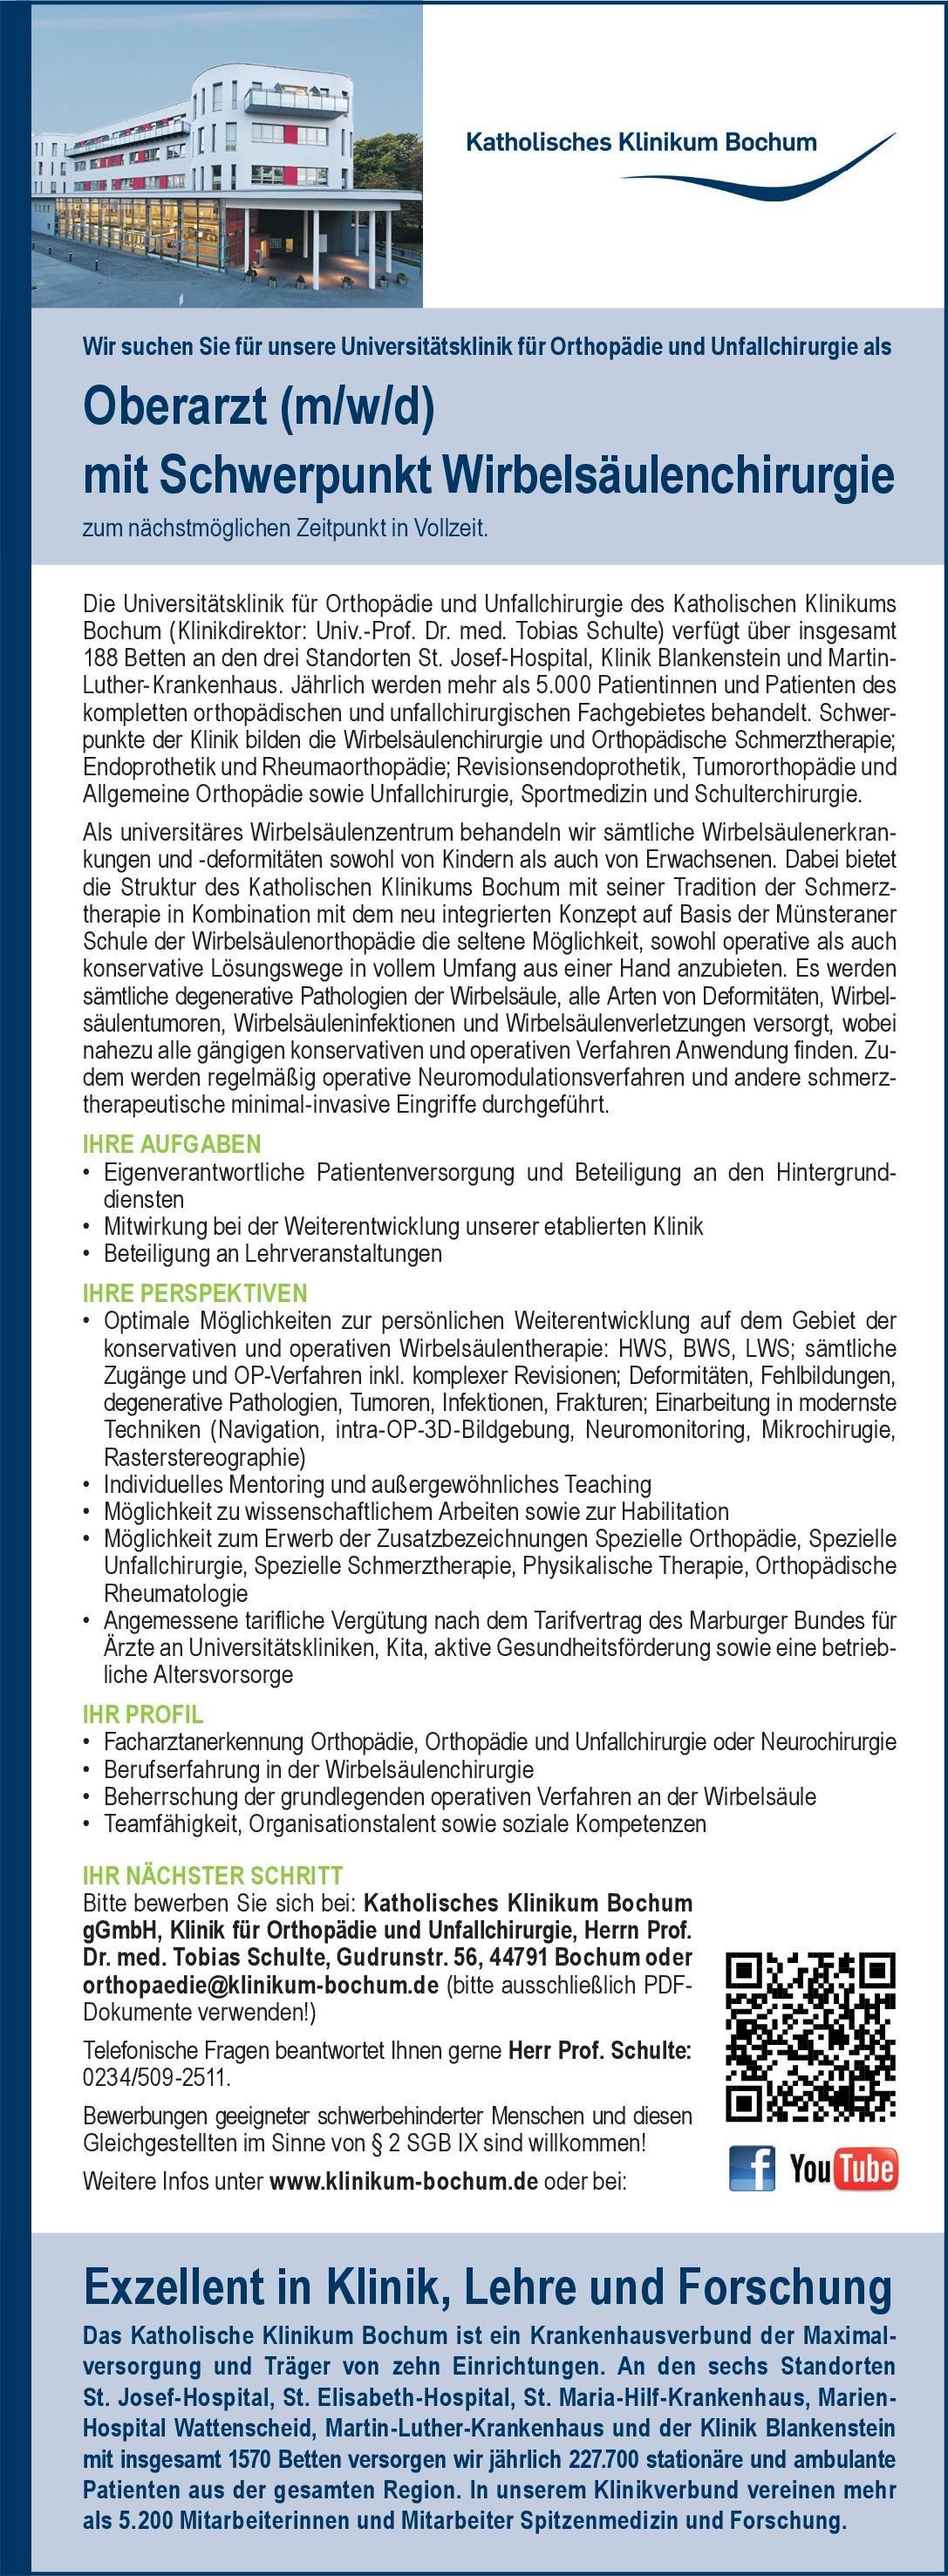 Katholisches Klinikum Bochum Oberarzt (m/w/d) mit Schwerpunkt Wirbelsäulenchirurgie  Orthopädie und Unfallchirurgie, Chirurgie, Neurochirurgie Oberarzt